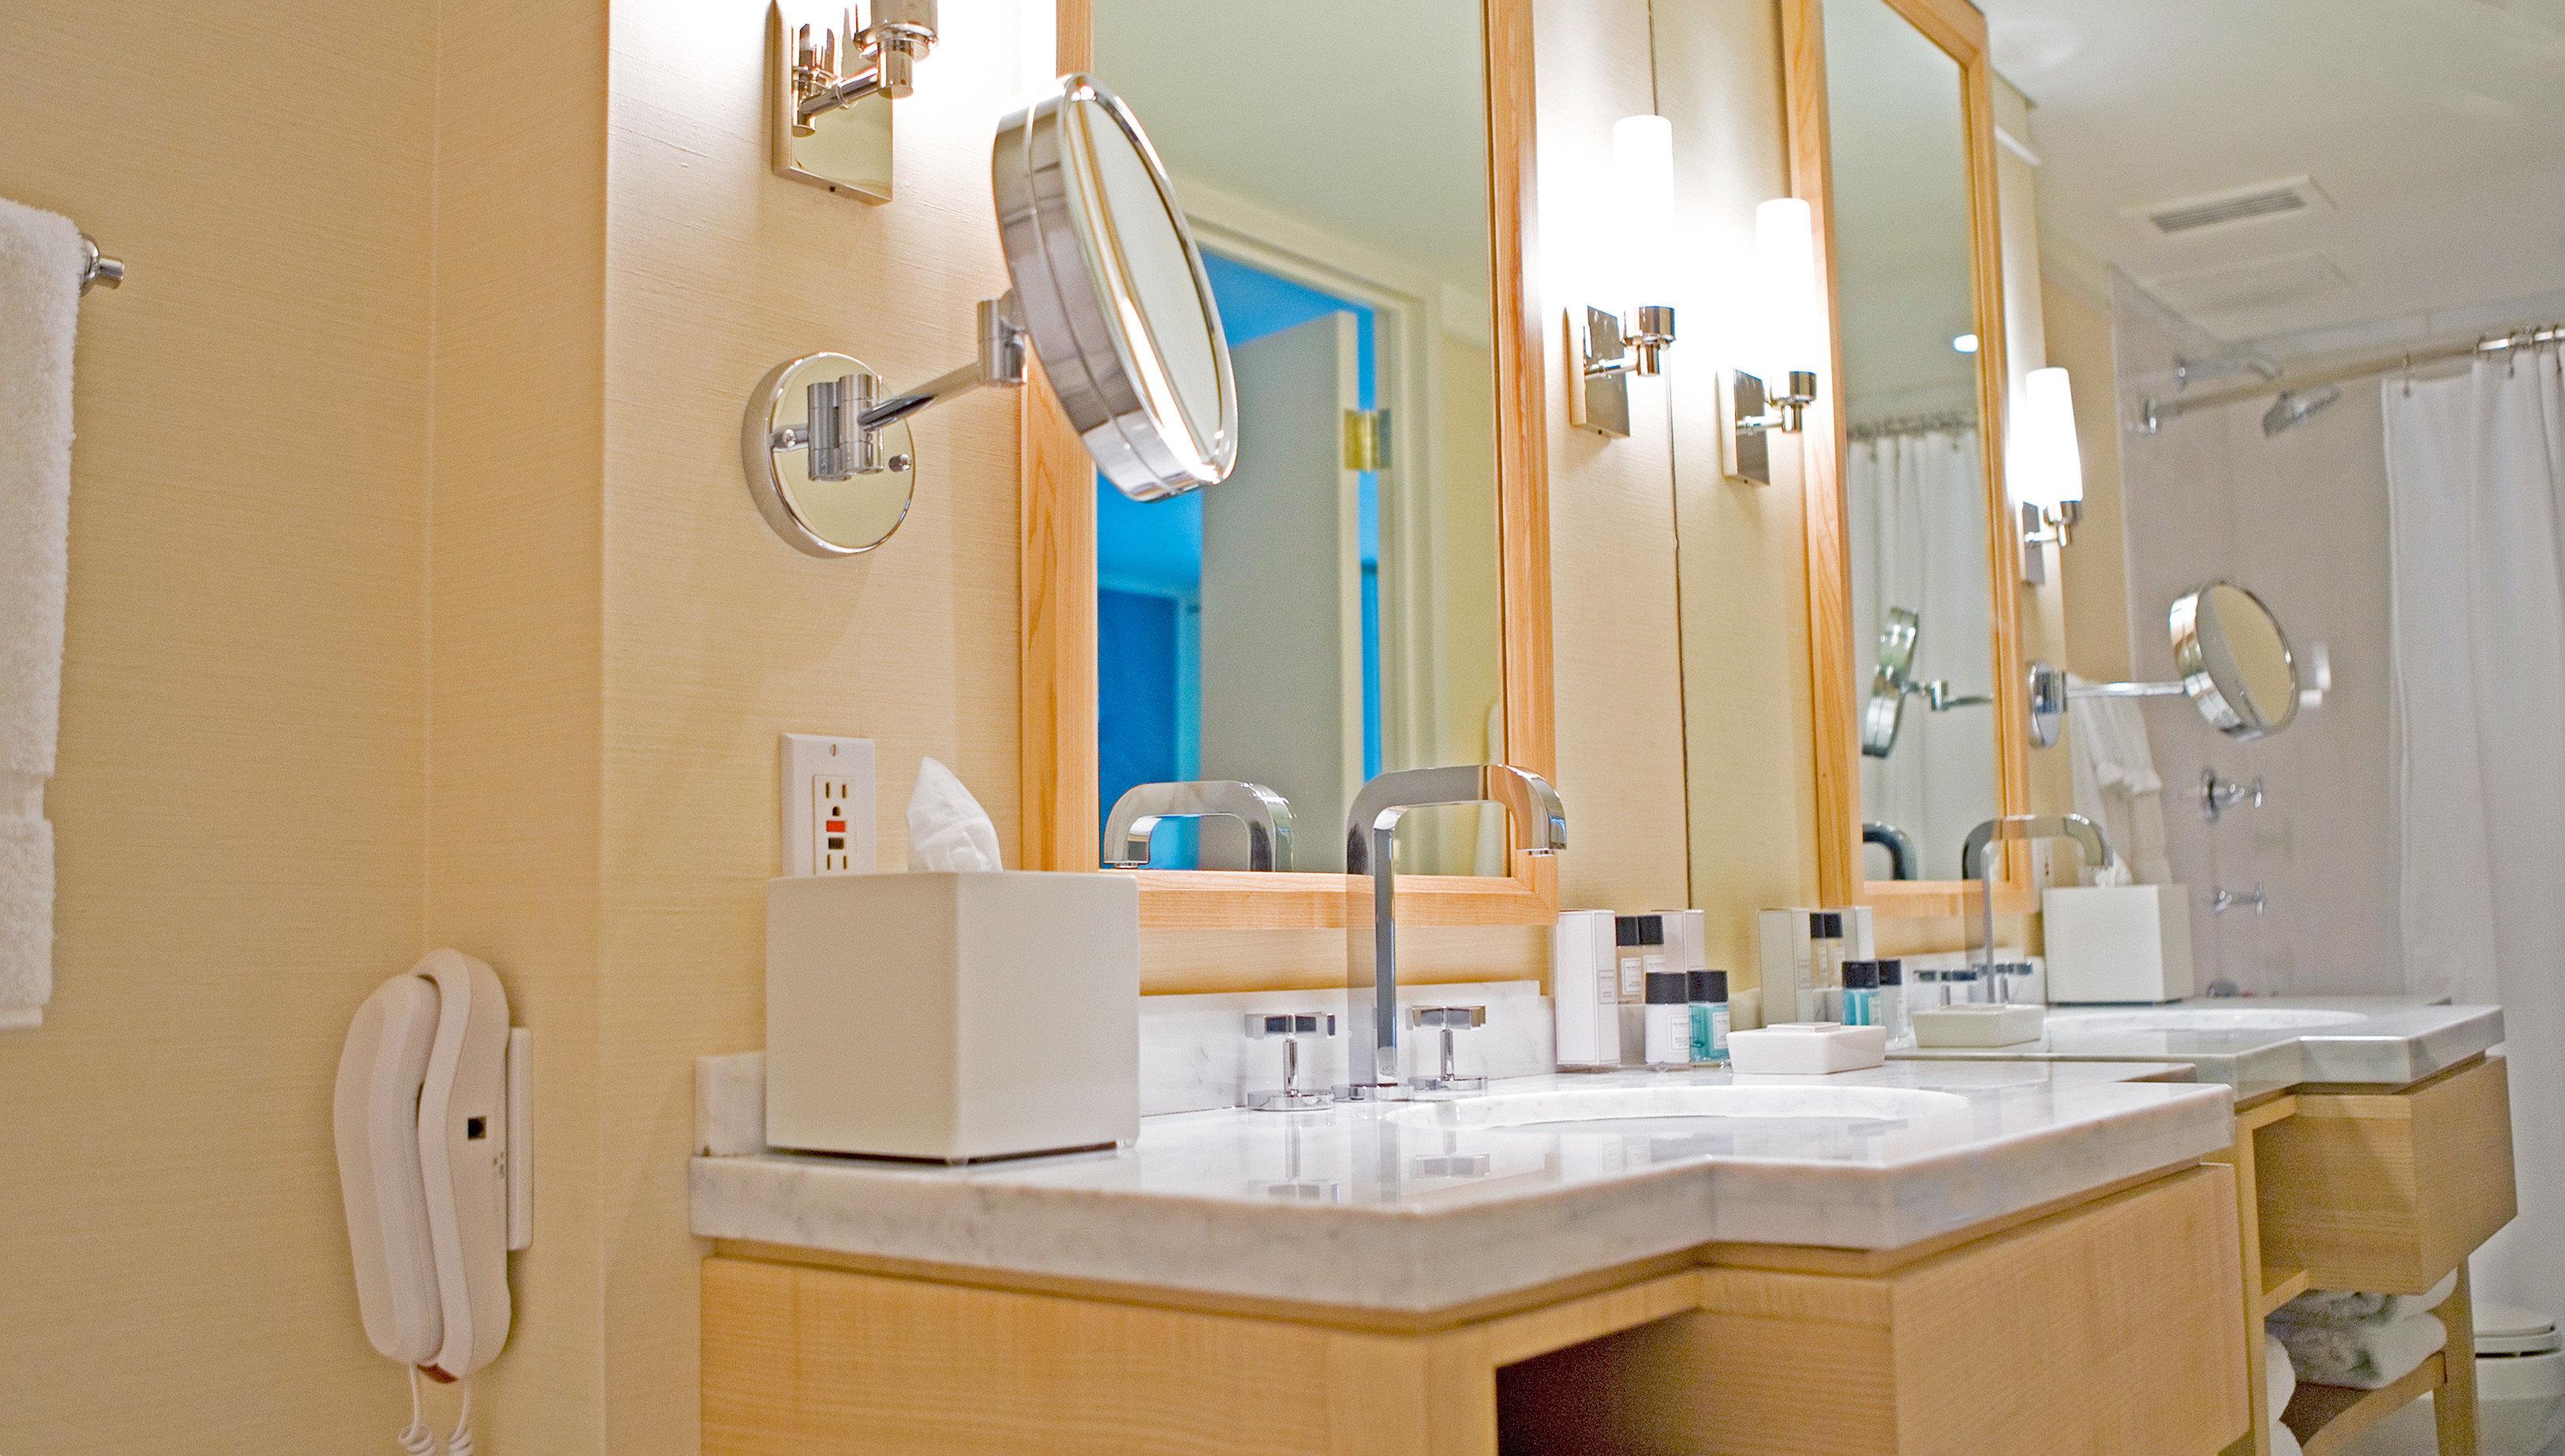 Bath City bathroom mirror property sink home cottage towel tub bathtub